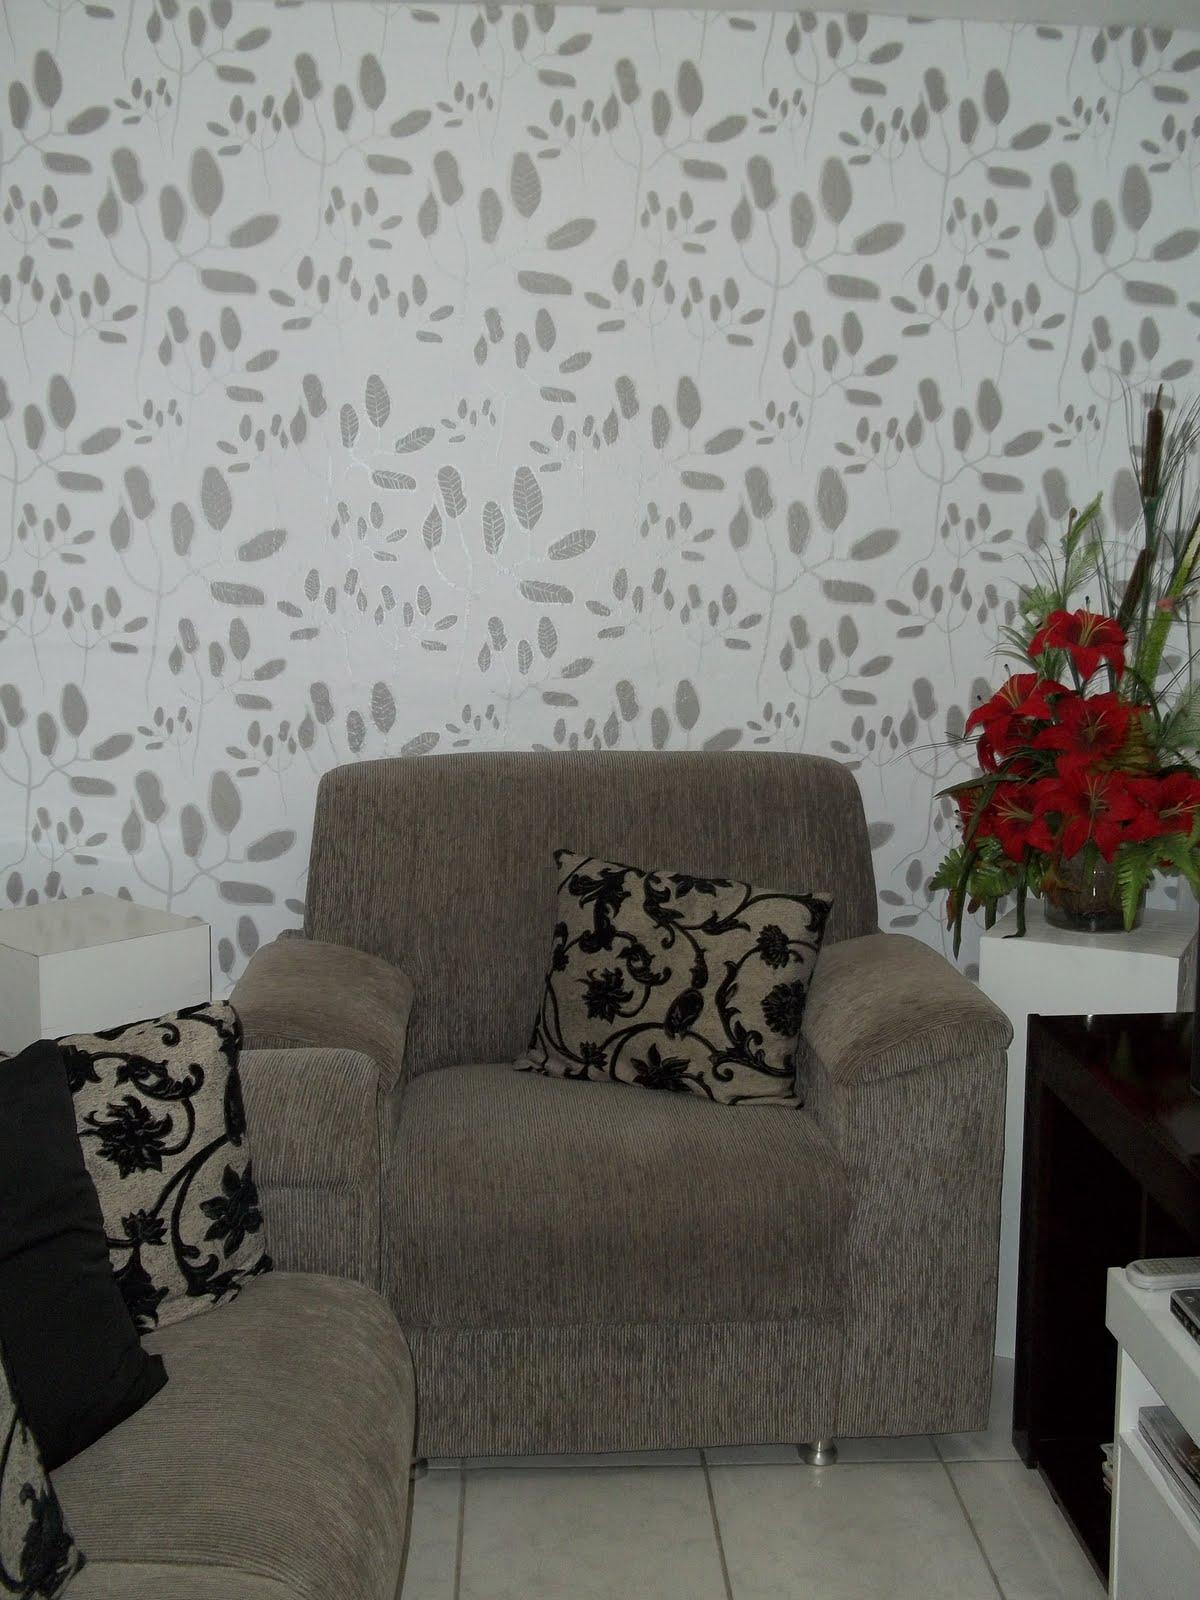 #5A463C  de Ambientes: Sala Decorada com Papel de Parede Coleção de Marcelo 1200x1600 píxeis em Decoração Para Sala Pequena Com Papel De Parede